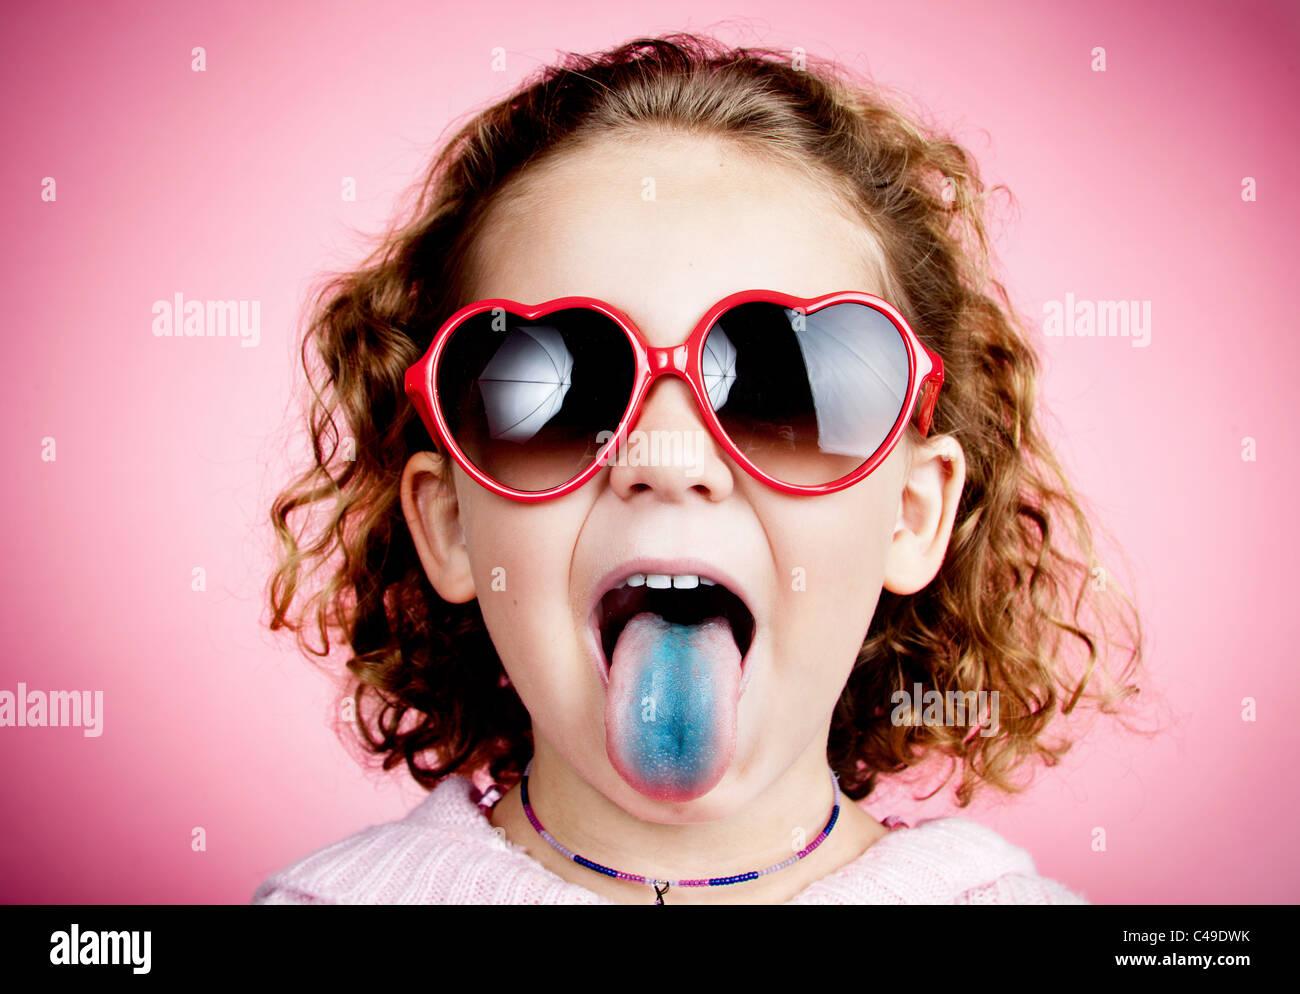 une jeune fille aux cheveux boucl s sur un mur de studio rose portant des lunettes de soleil en. Black Bedroom Furniture Sets. Home Design Ideas